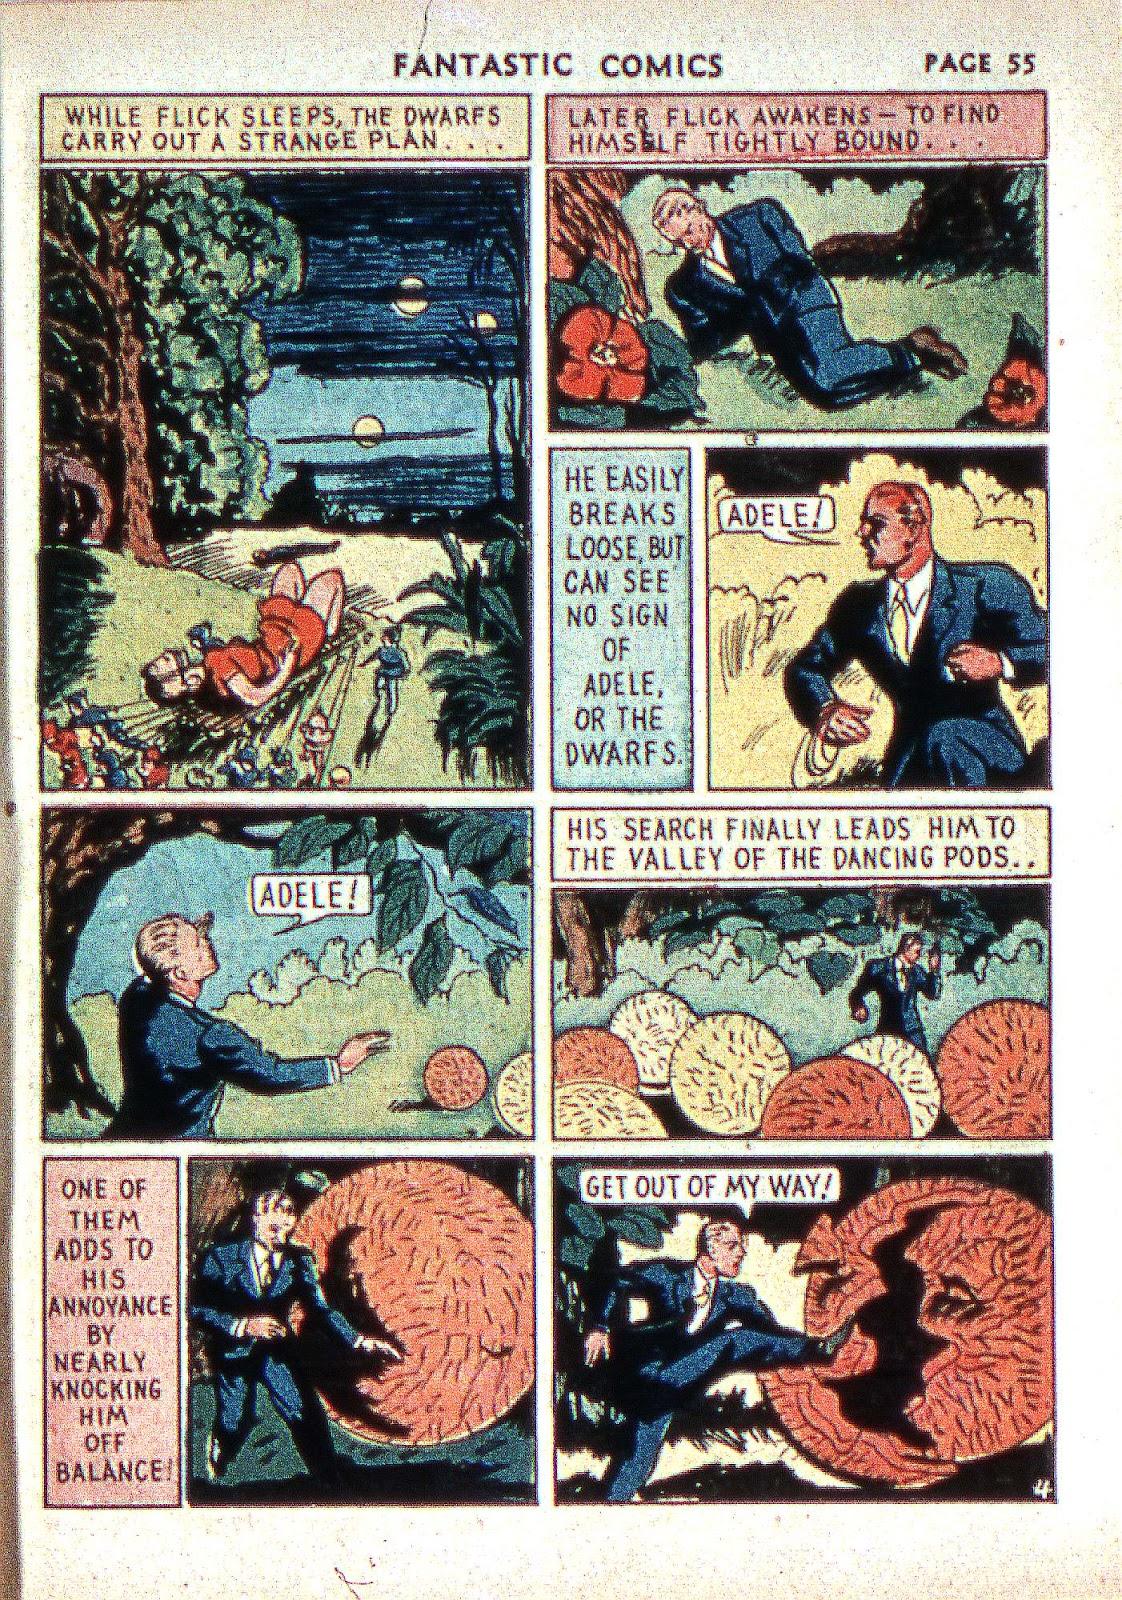 Read online Fantastic Comics comic -  Issue #2 - 56